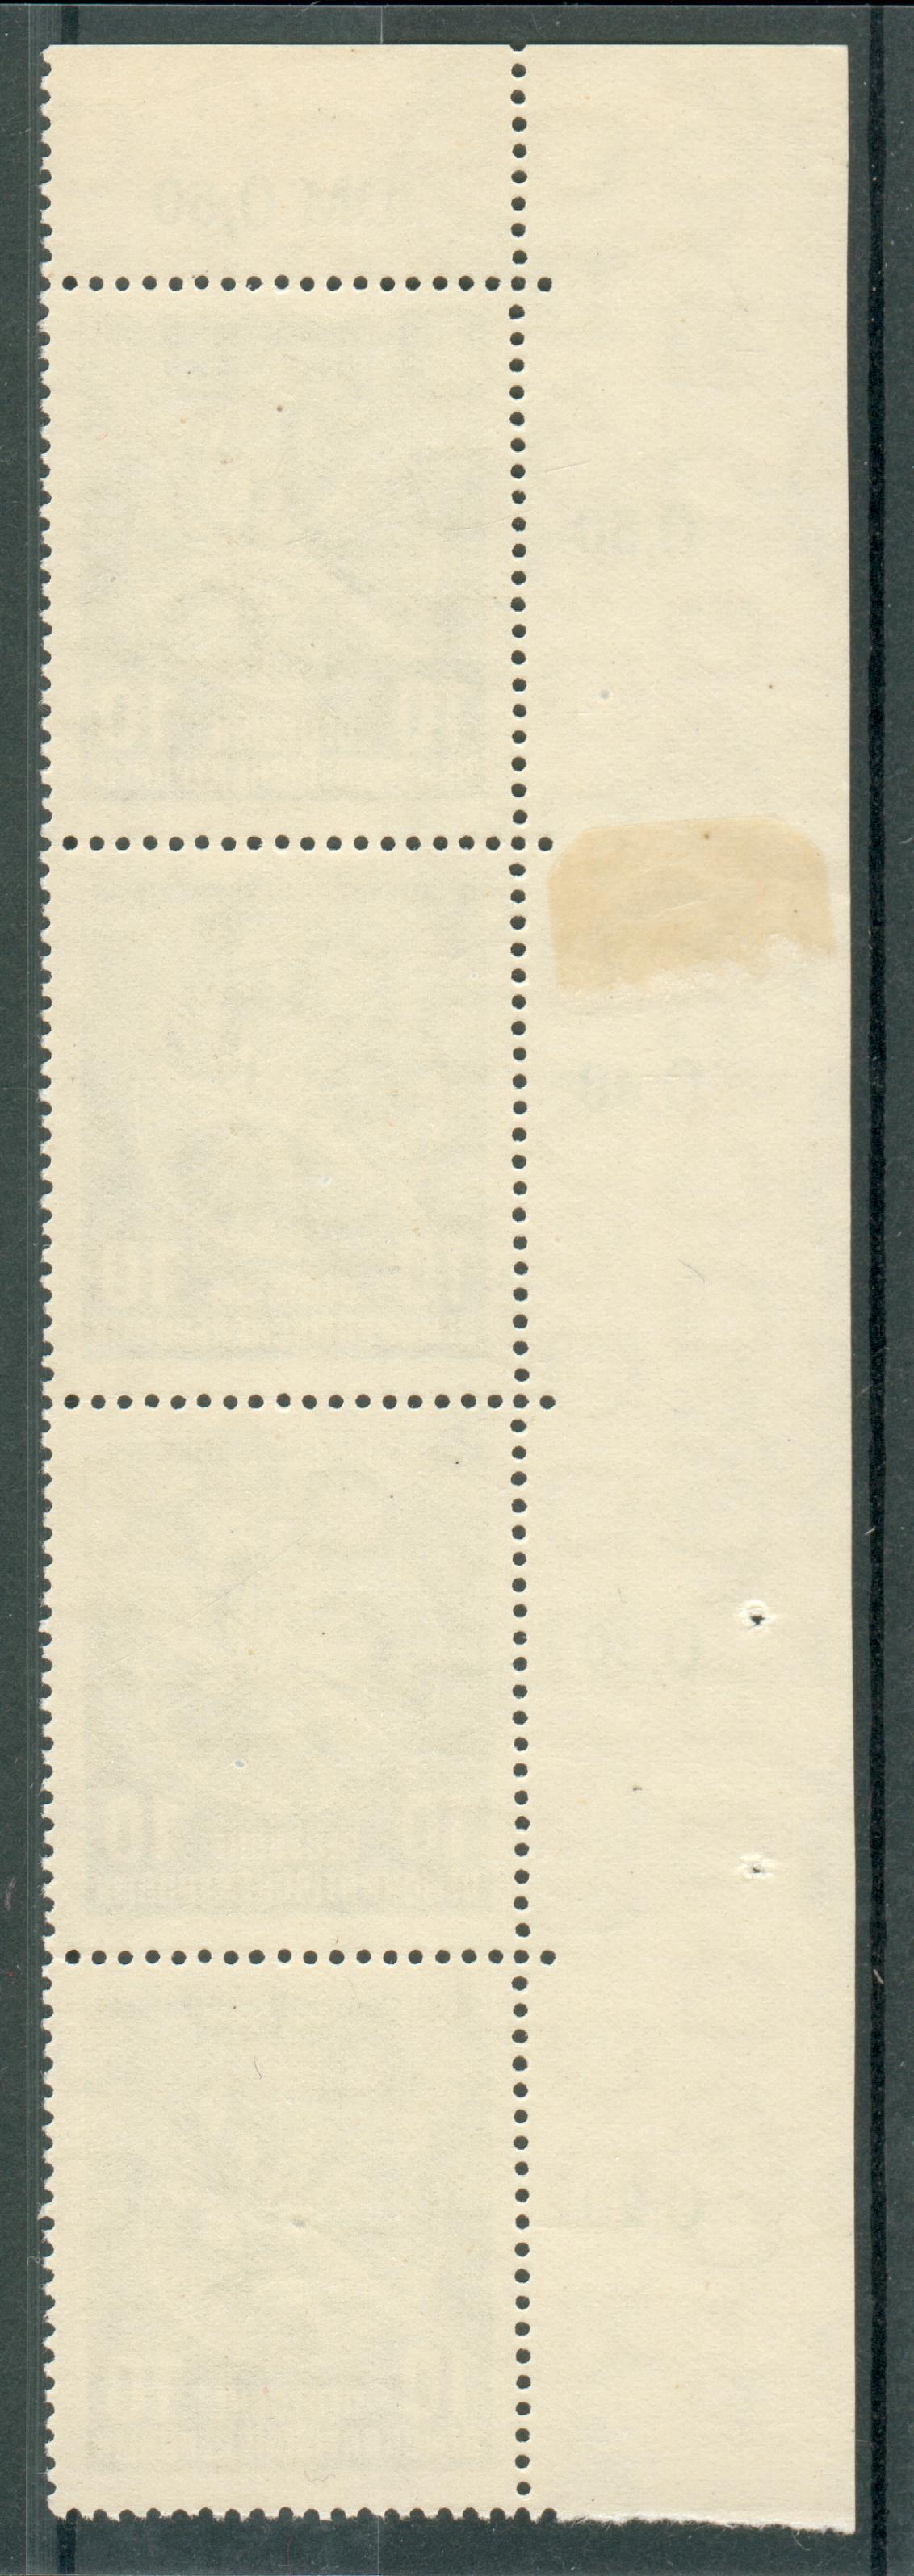 fj84-3.jpg